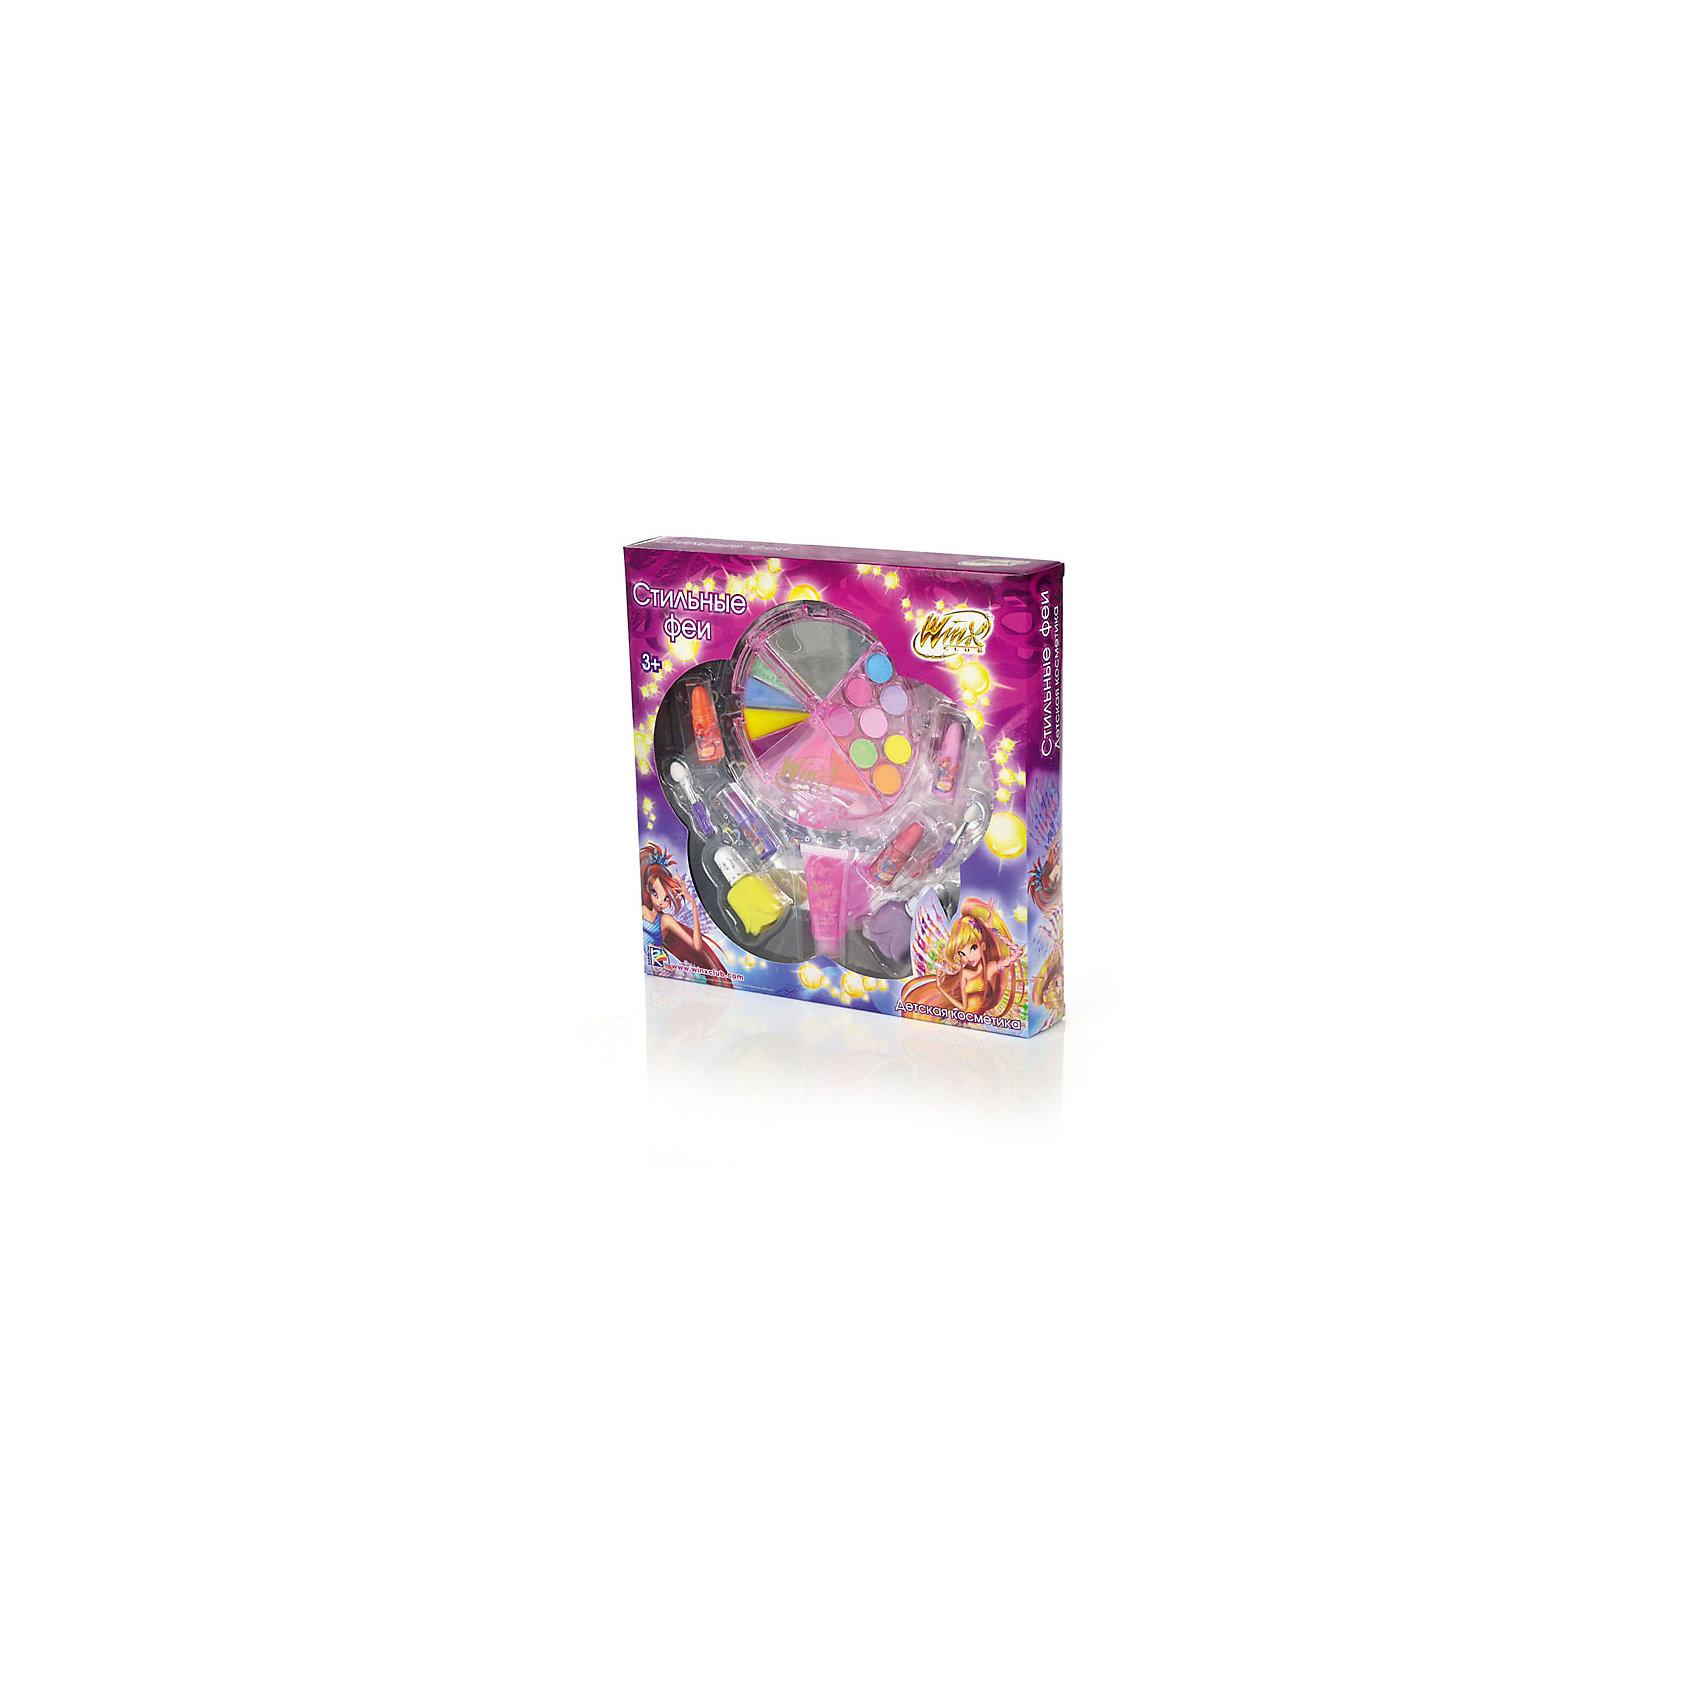 Набор детской косметики Стильные феи, Winx ClubНабор детской косметики Стильные феи, Winx Club<br><br>Характеристики:<br><br>• яркие цвета<br>• удобная упаковка<br>• хорошо наносится<br>• легко смывается<br>• безопасна для детской кожи<br>• в комплекте: помада (4 шт.), блеск для губ, тени для век, лак для ногтей (2 шт.), аппликаторы<br>• размер упаковки: 4,1х24,7х24,7 см<br>• вес: 230 грамм<br><br>Наверняка каждая поклонница Winx Club мечтает побывать в образе любимых фей. С набором косметики Стильные феи мечта девочки обязательно сбудется! Юная модница сможет сделать самый красивый макияж и маникюр в любимом стиле. В набор входят тени для век, помады, блеск для губ, лак для ногтей и аппликаторы. Косметика легко наносится и стирается смоченным в воде ватным диском. Не вызывает аллергии и раздражения на детской коже.<br><br>Набор детской косметики Стильные феи, Winx Club вы можете купить в нашем интернет-магазине.<br><br>Ширина мм: 247<br>Глубина мм: 247<br>Высота мм: 41<br>Вес г: 230<br>Возраст от месяцев: 36<br>Возраст до месяцев: 72<br>Пол: Женский<br>Возраст: Детский<br>SKU: 5379343